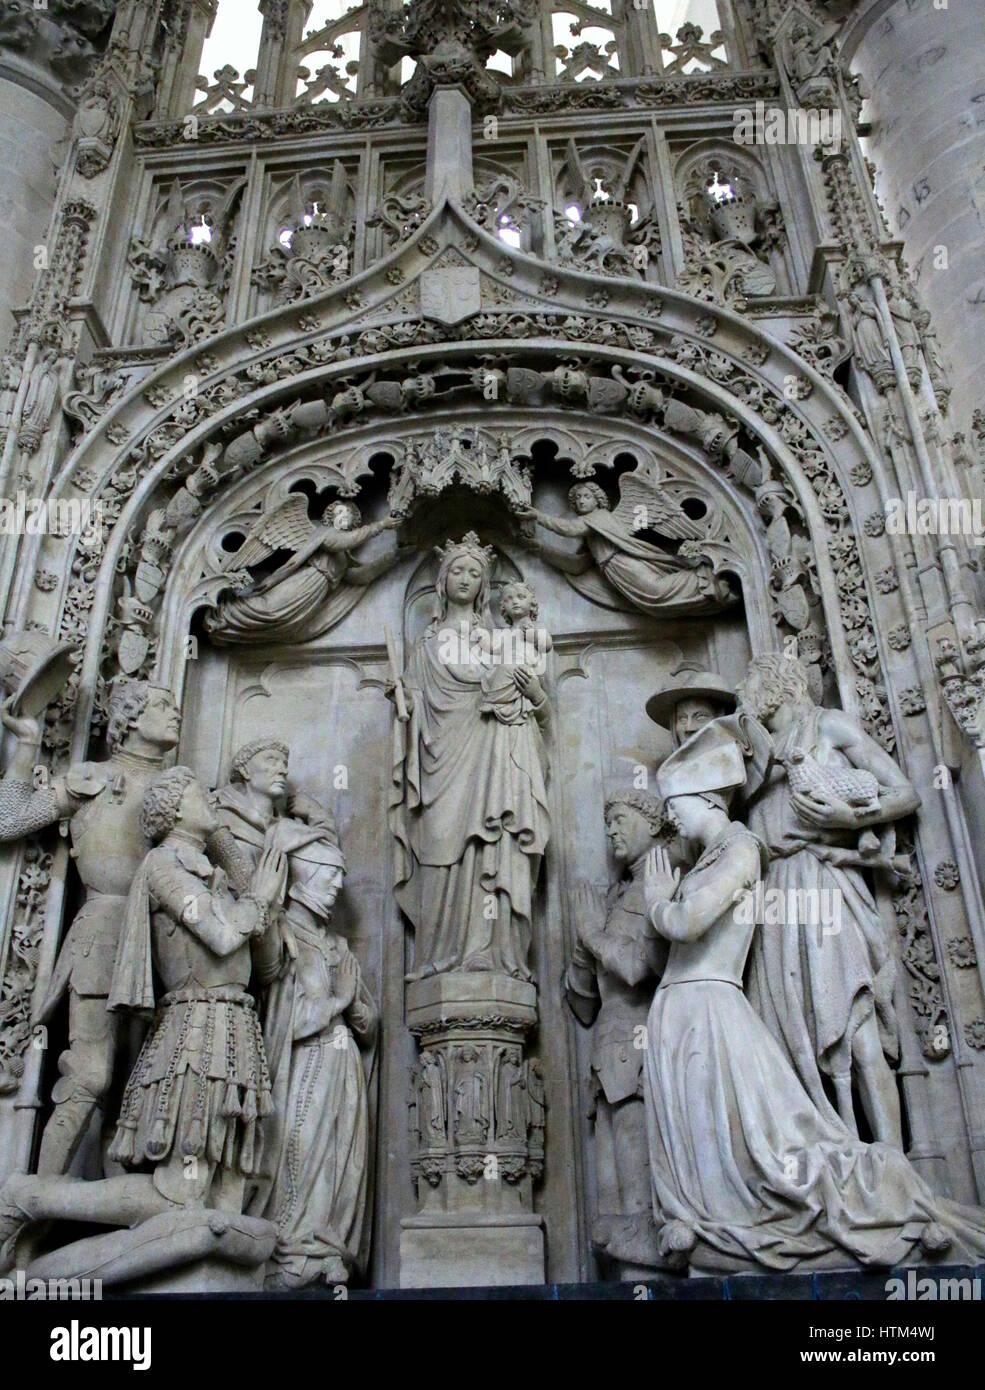 Interieur von der Liebfrauenkirche (Onze-Lieve-Vrouwekerk), eine ...